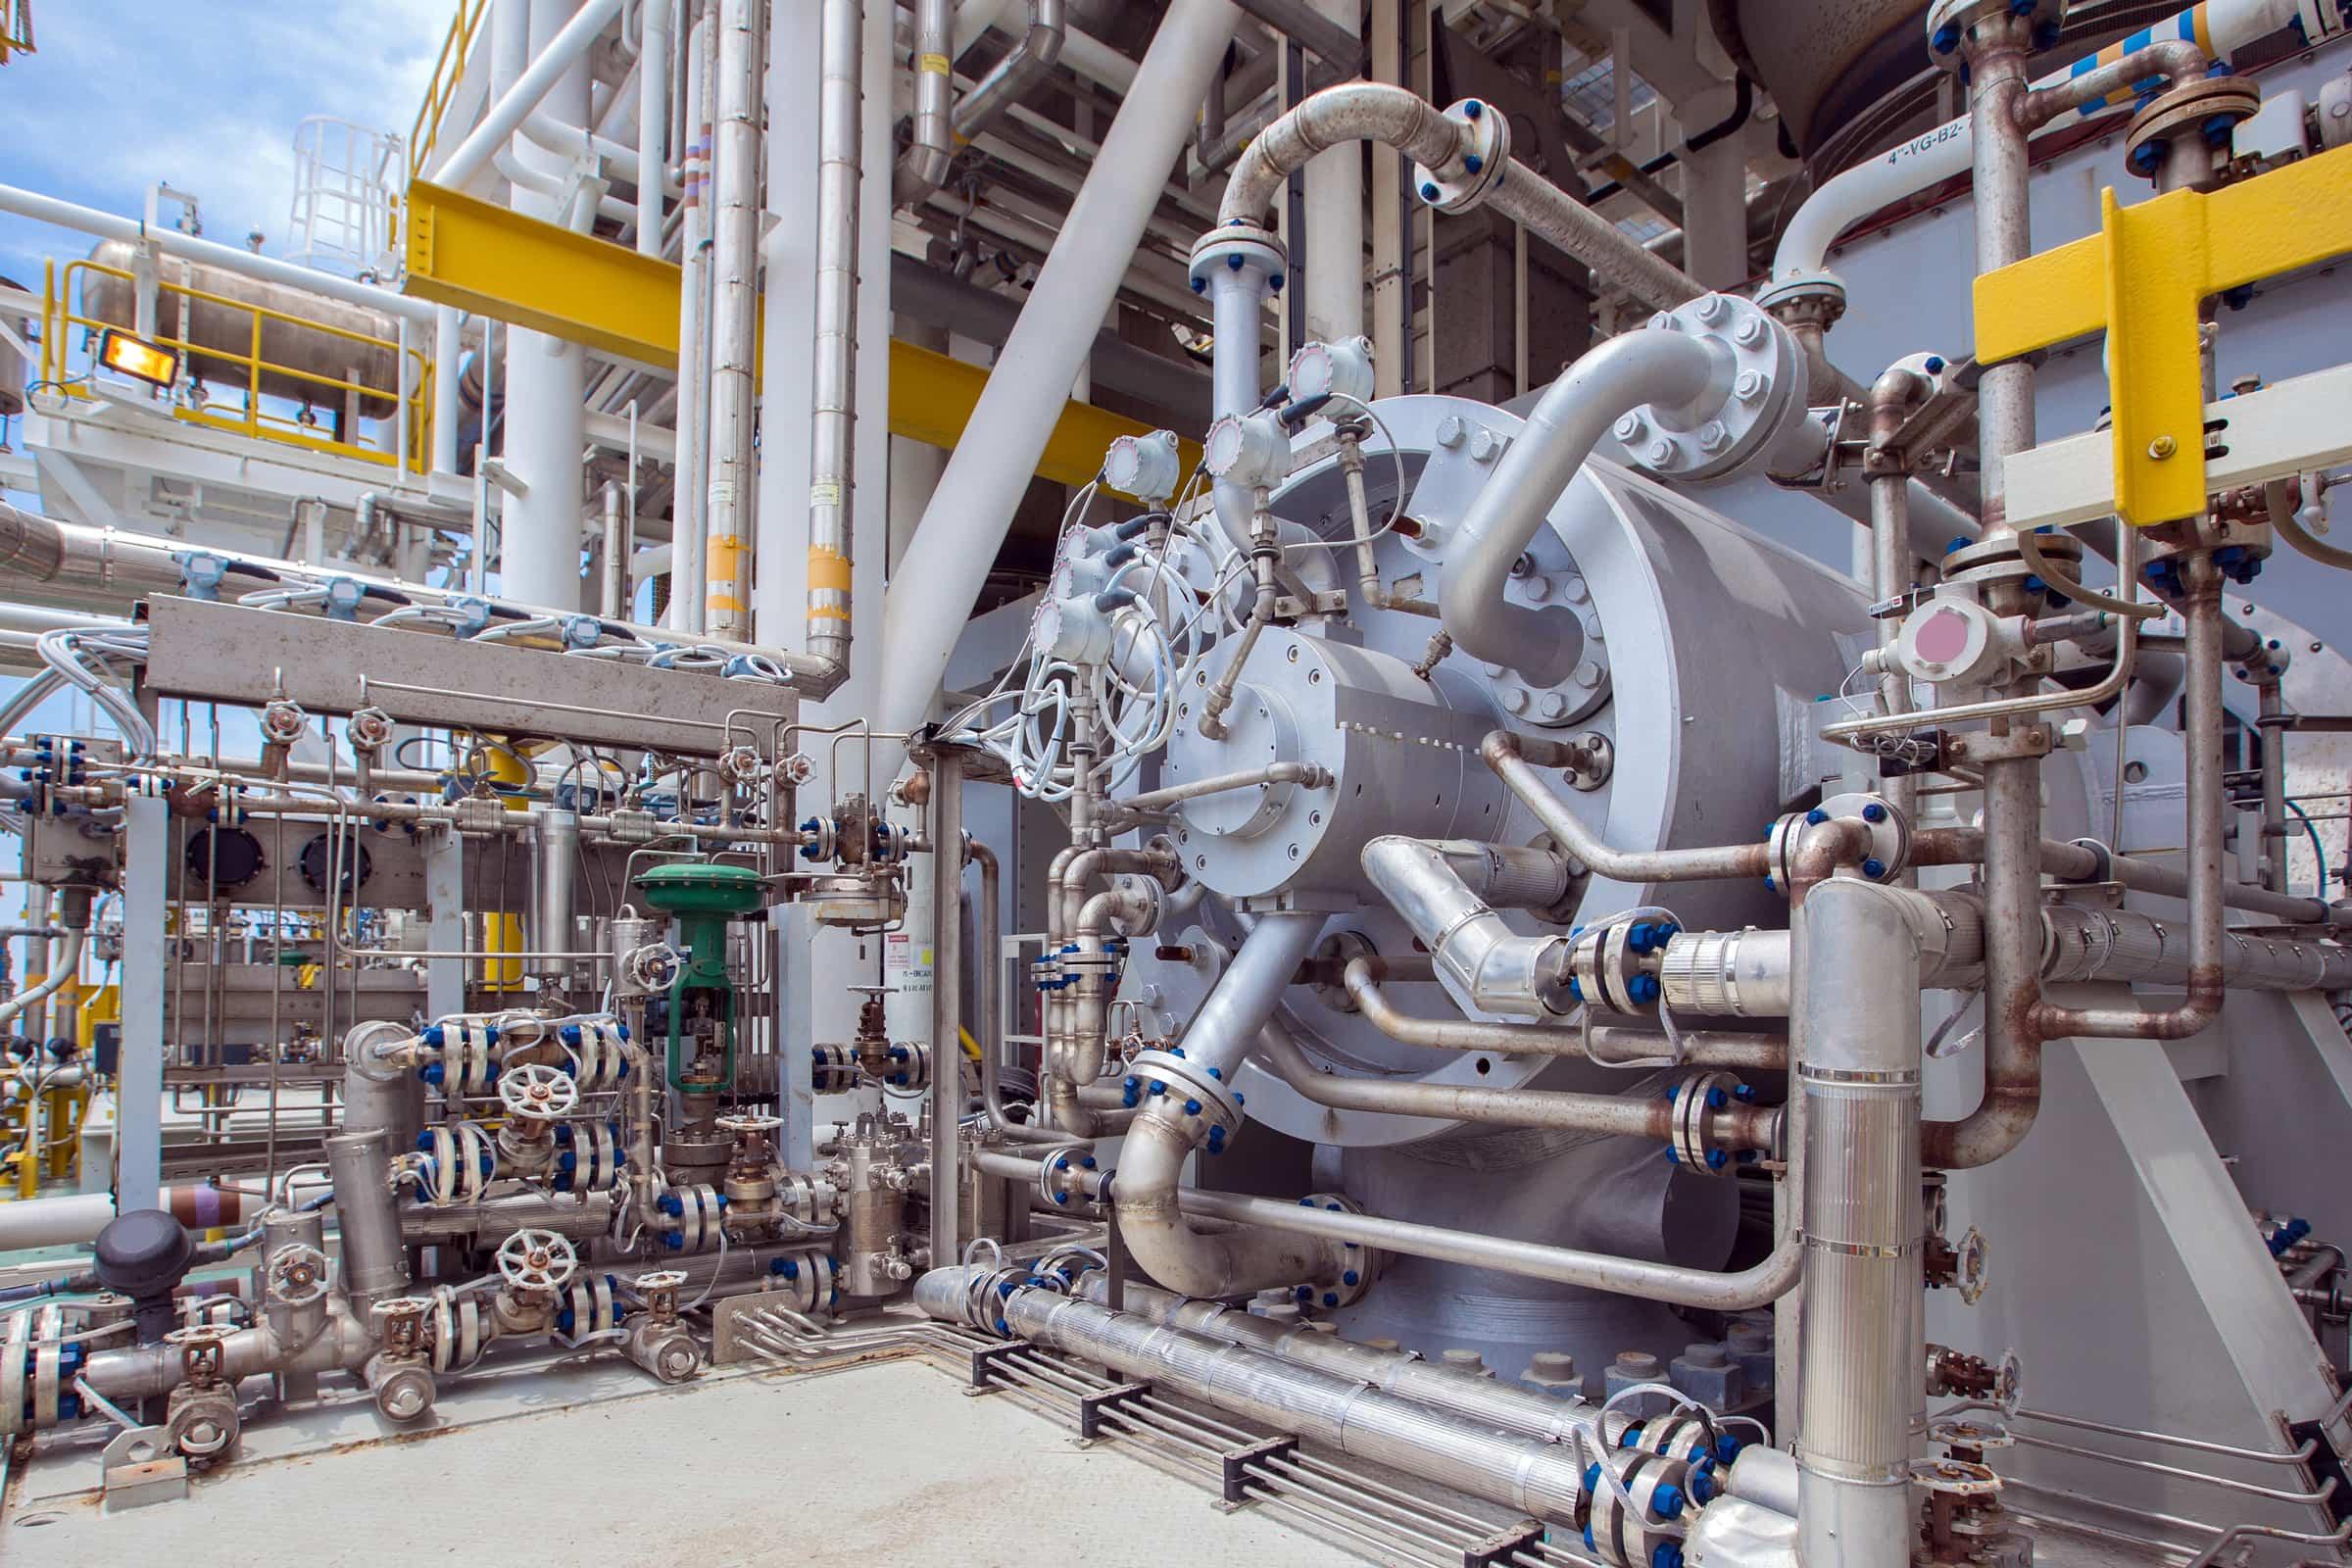 Maschinen- und Anlagenbau - Inotectis GmbH